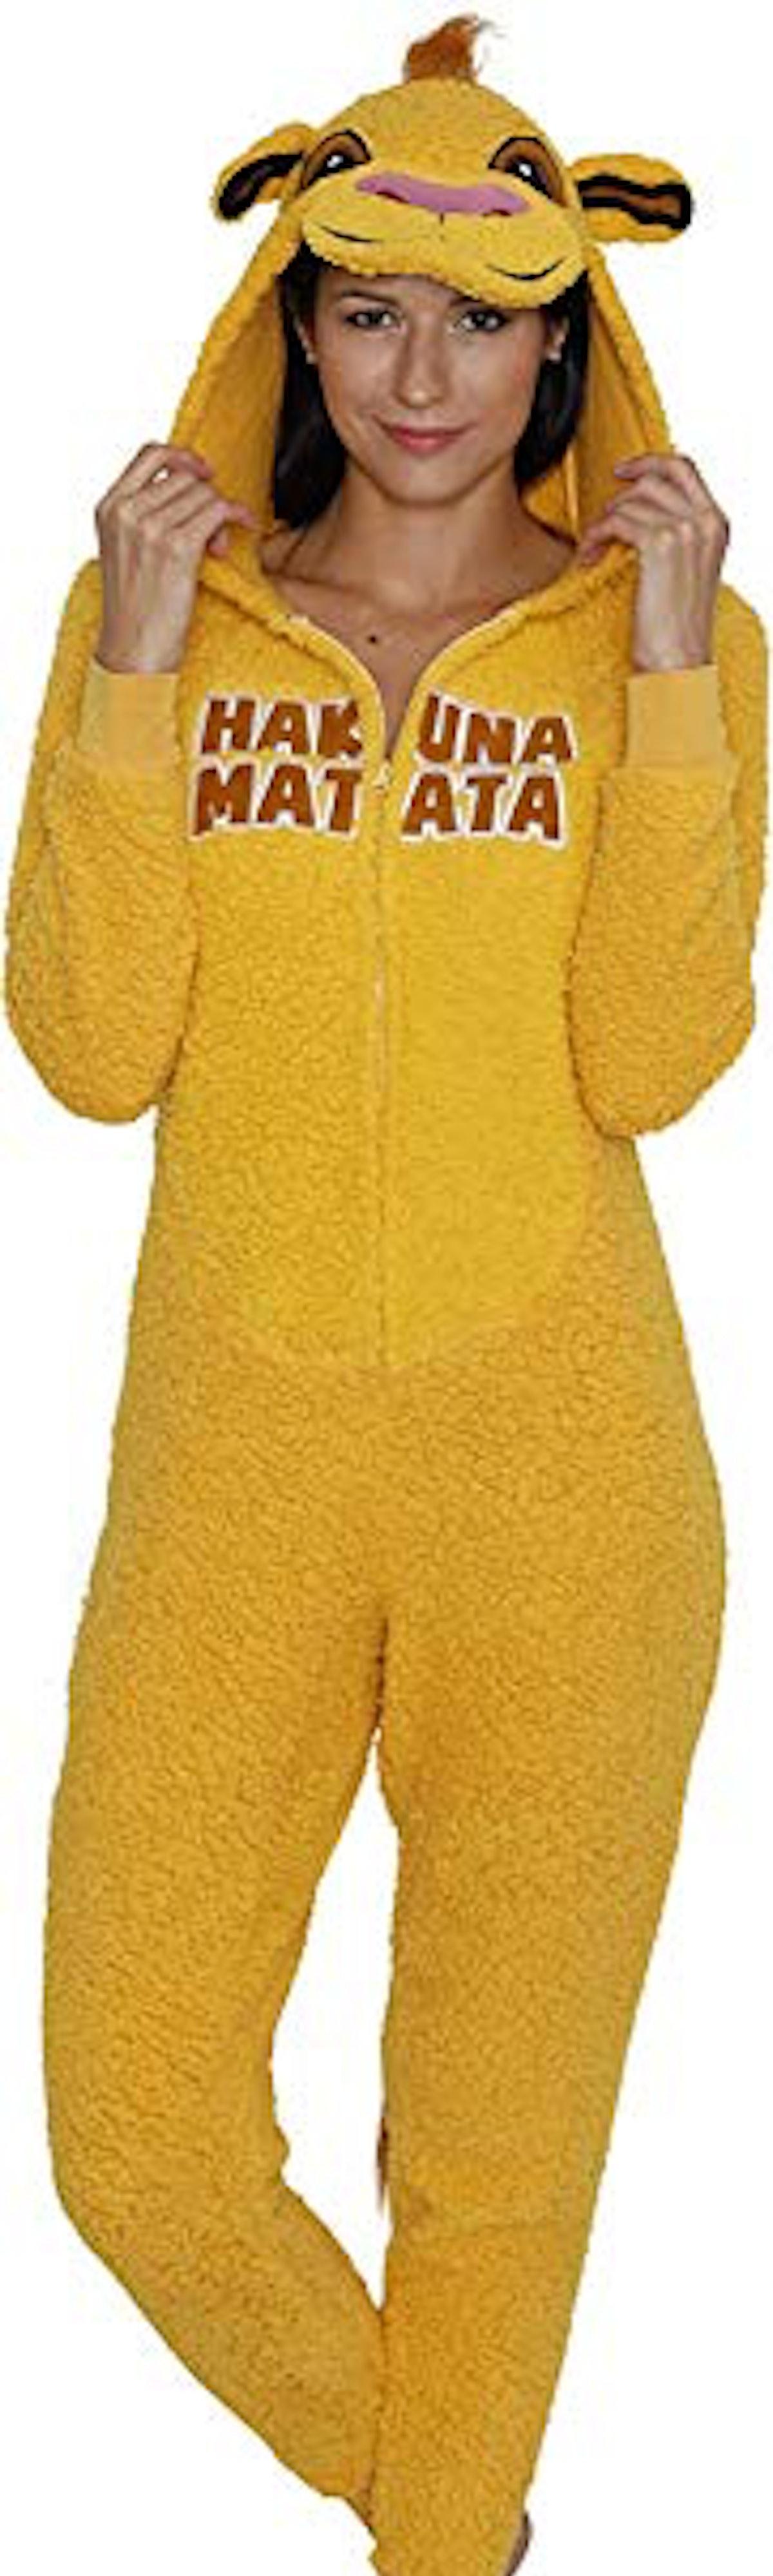 Disney Women's Lion King Suit